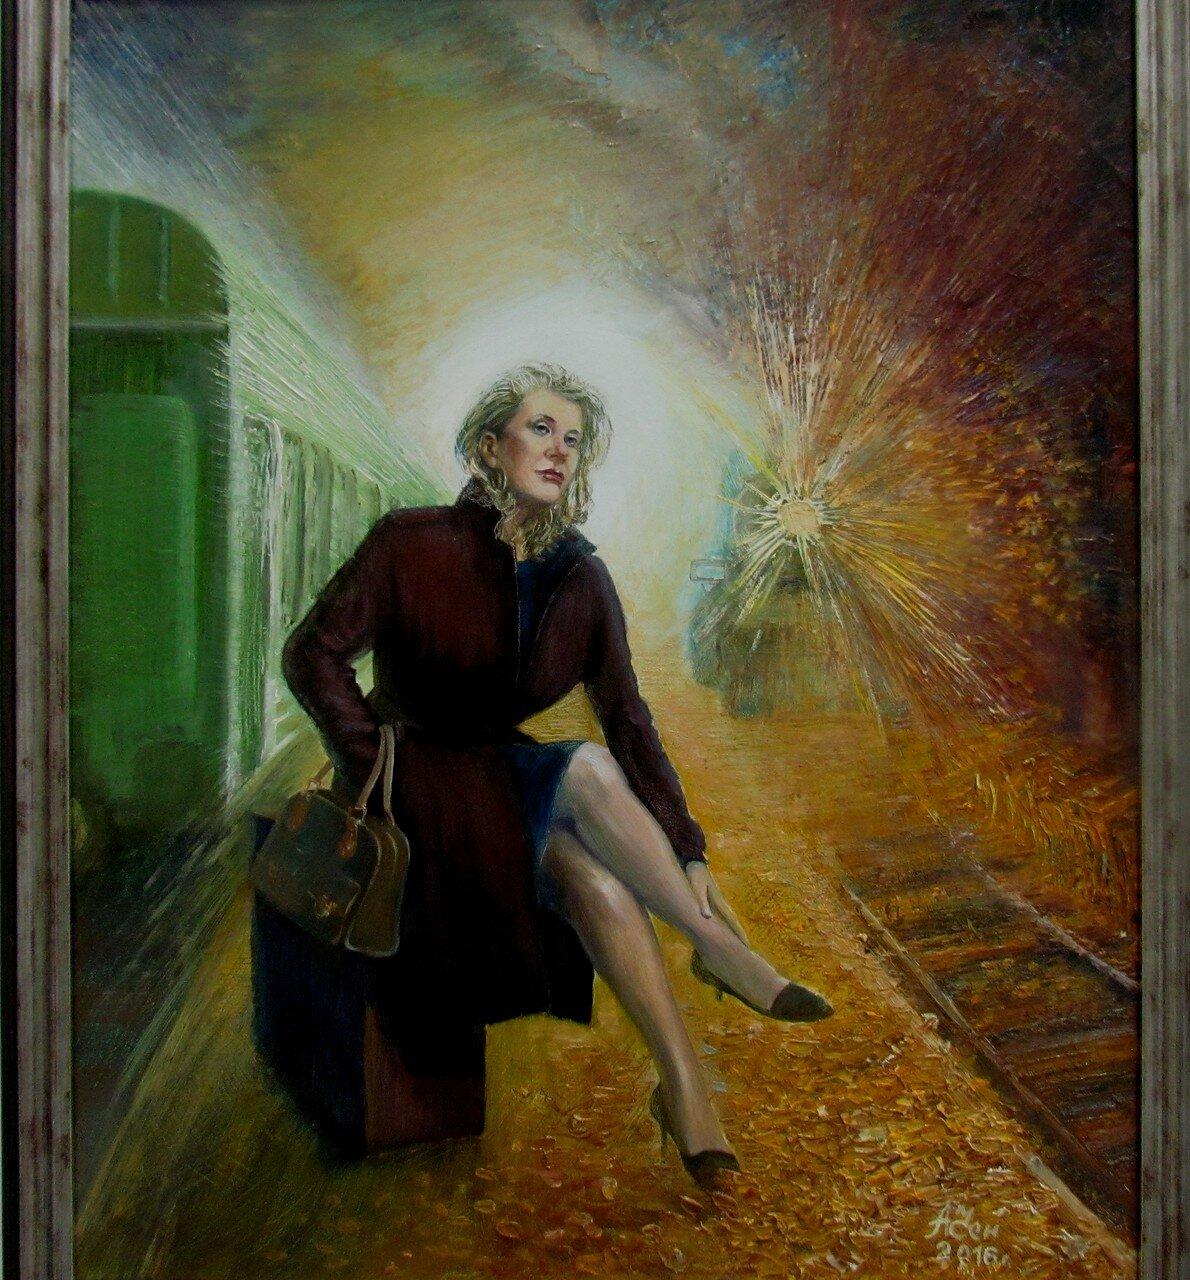 андрей ченакин.поезд бывает (женская часть.jpg